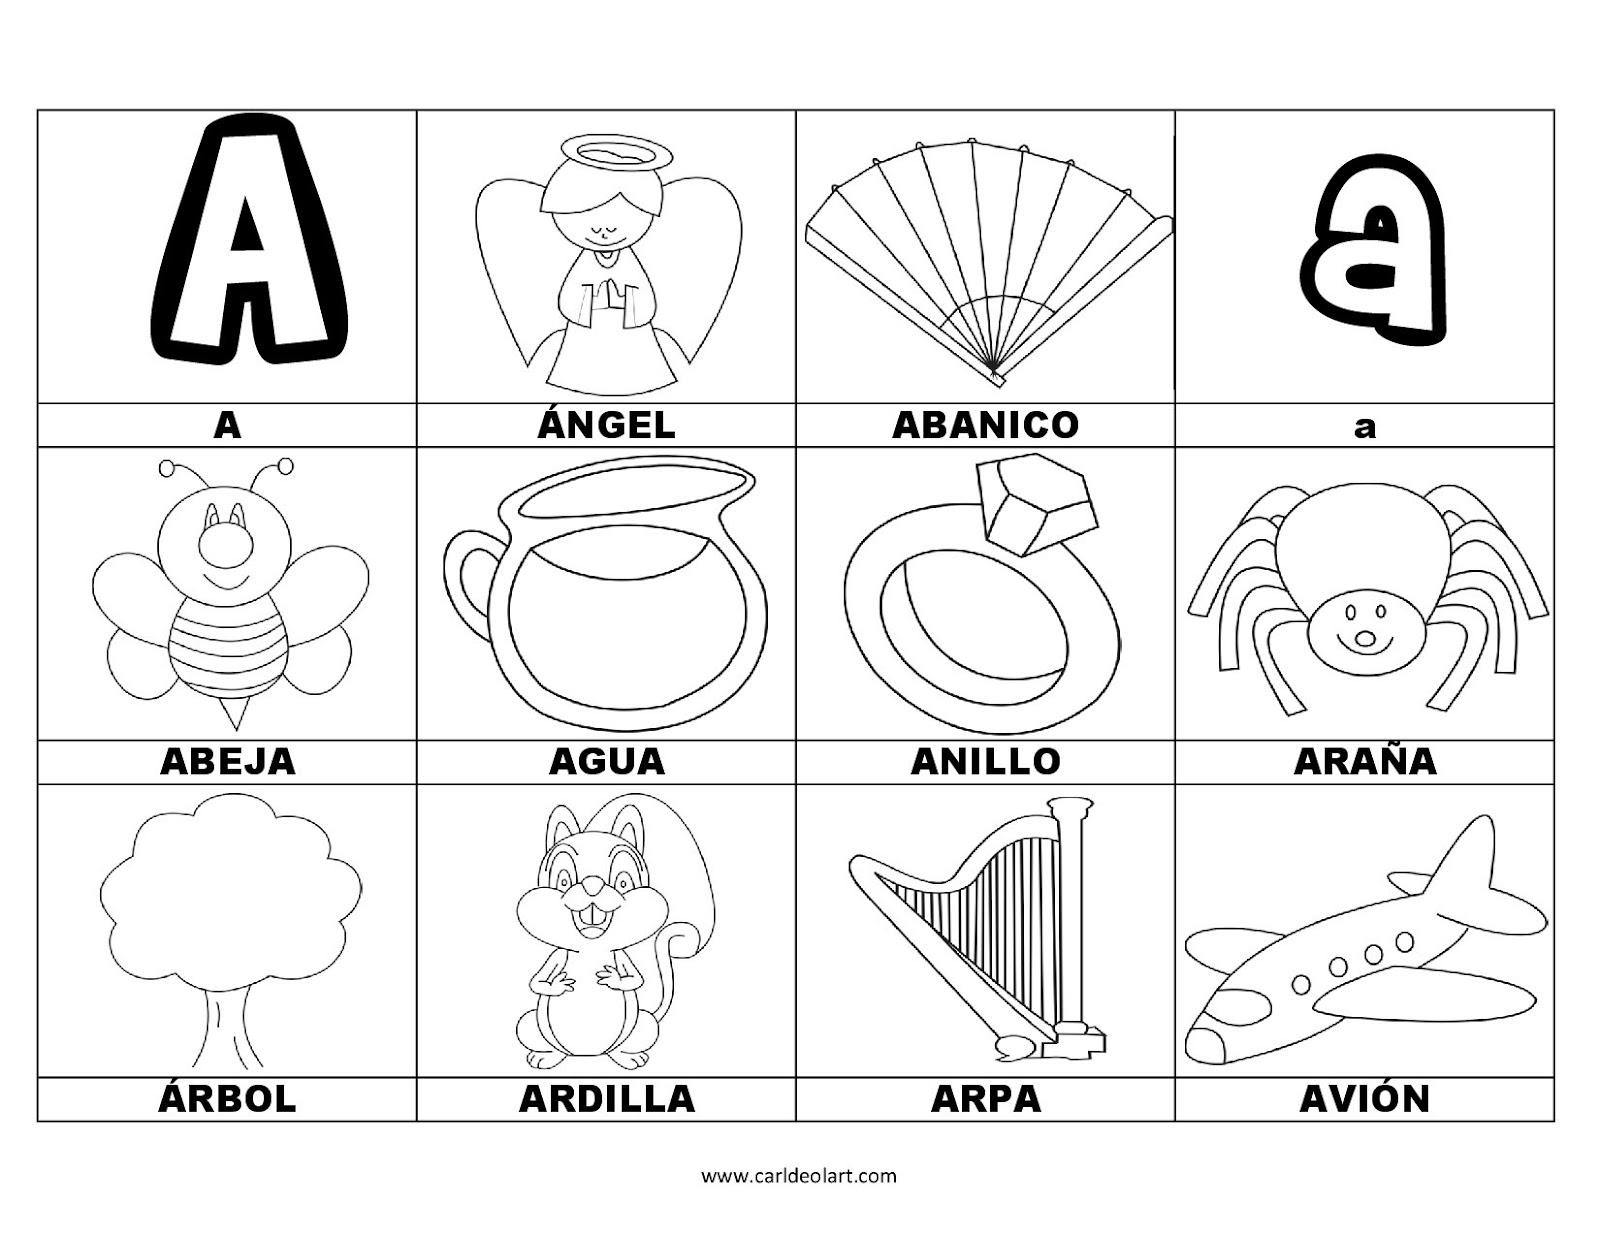 Dibujos Para Colorear Palabras Con A Dibujospacolorearcom